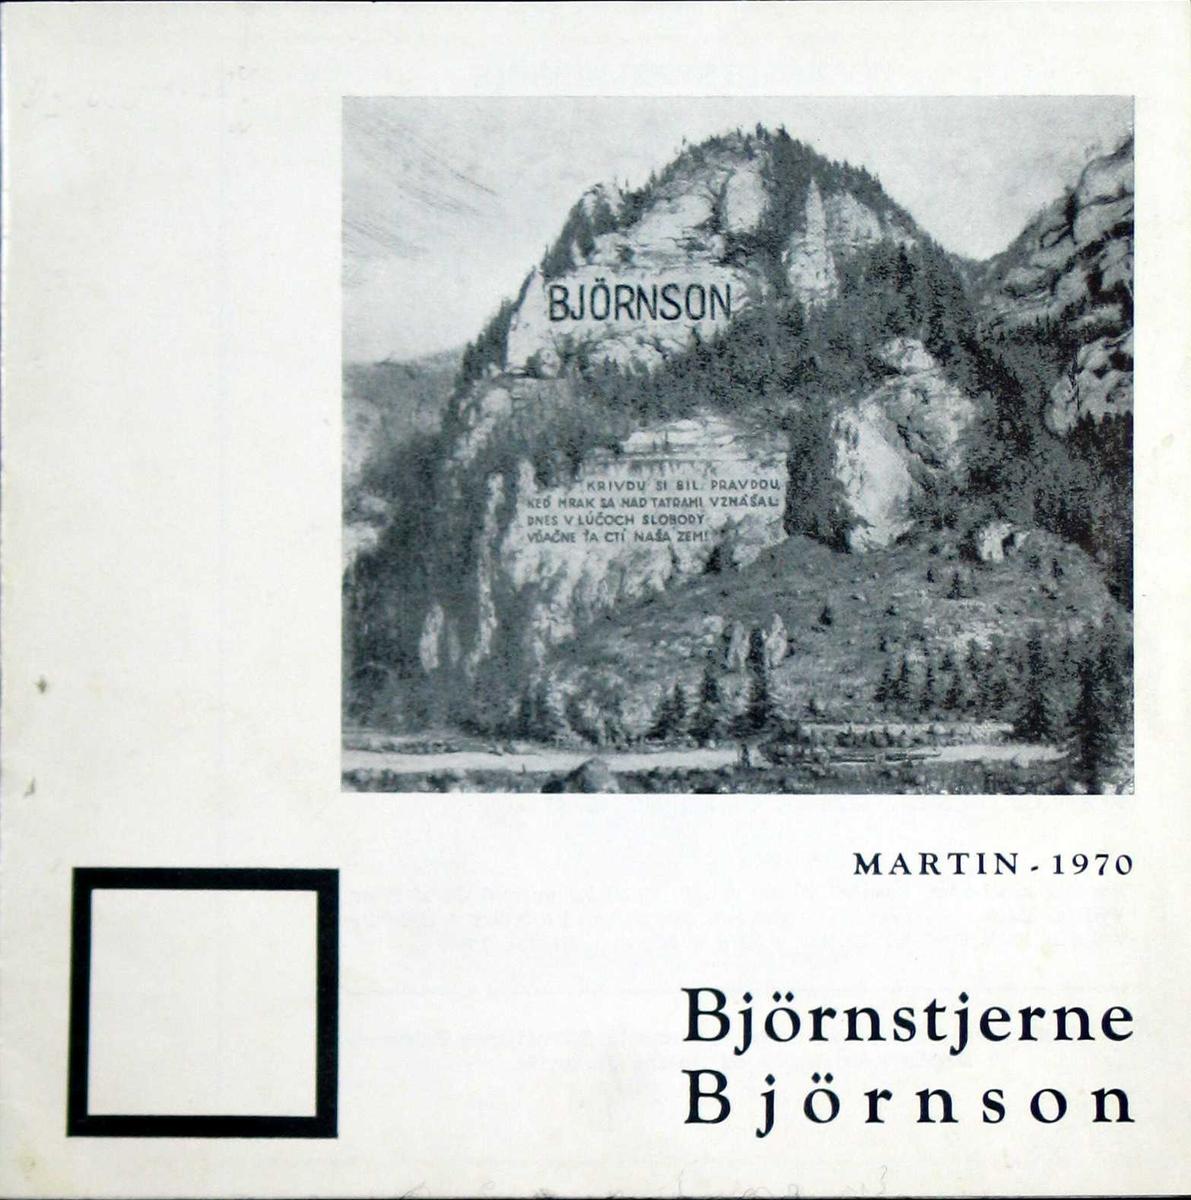 Forsiden viser det påtenkte Bjørnson-minnesmerke. Katalogen har et kort sammendrag på englesk bakerst. 10 sider.